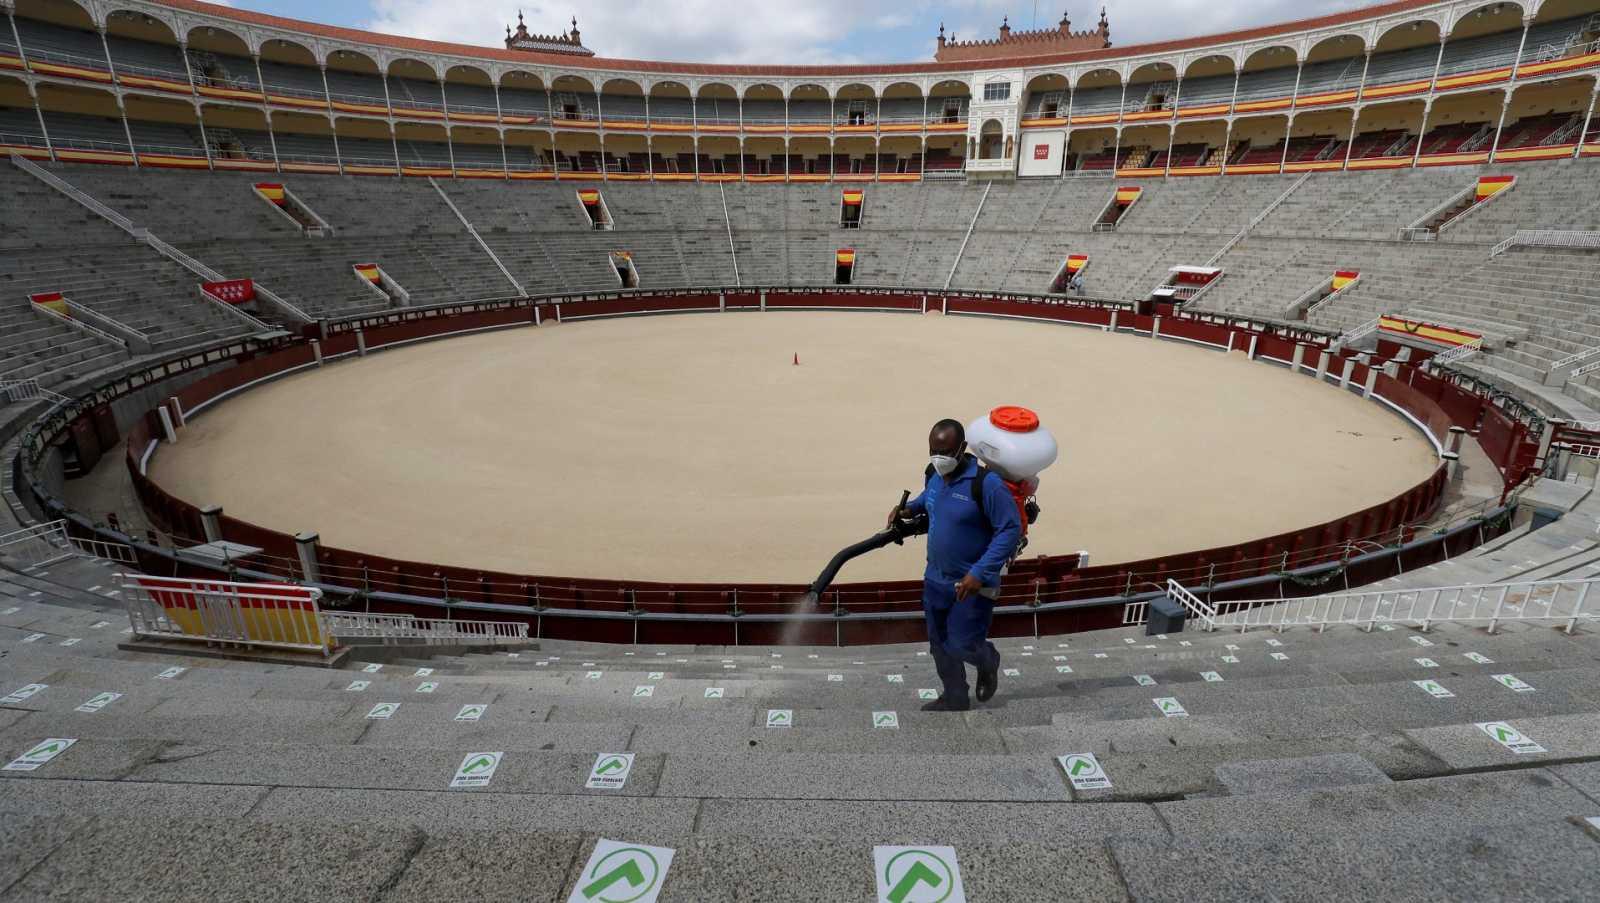 La plaza de toros de Las Ventas reabre sus puertas